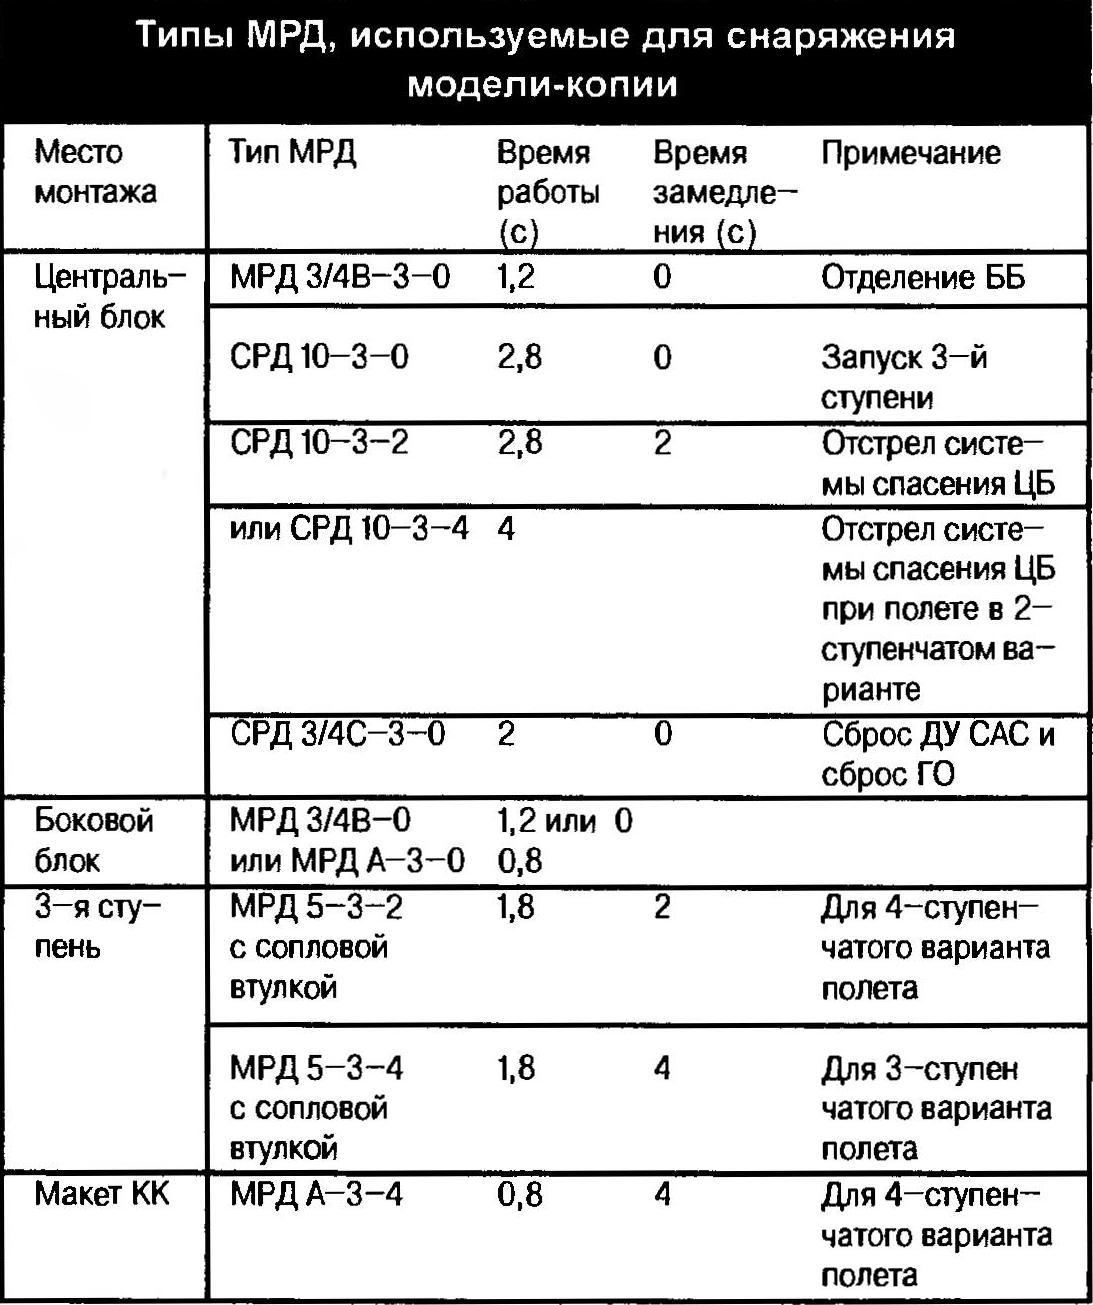 Типы МРД, используемые для снаряжения модели-копии